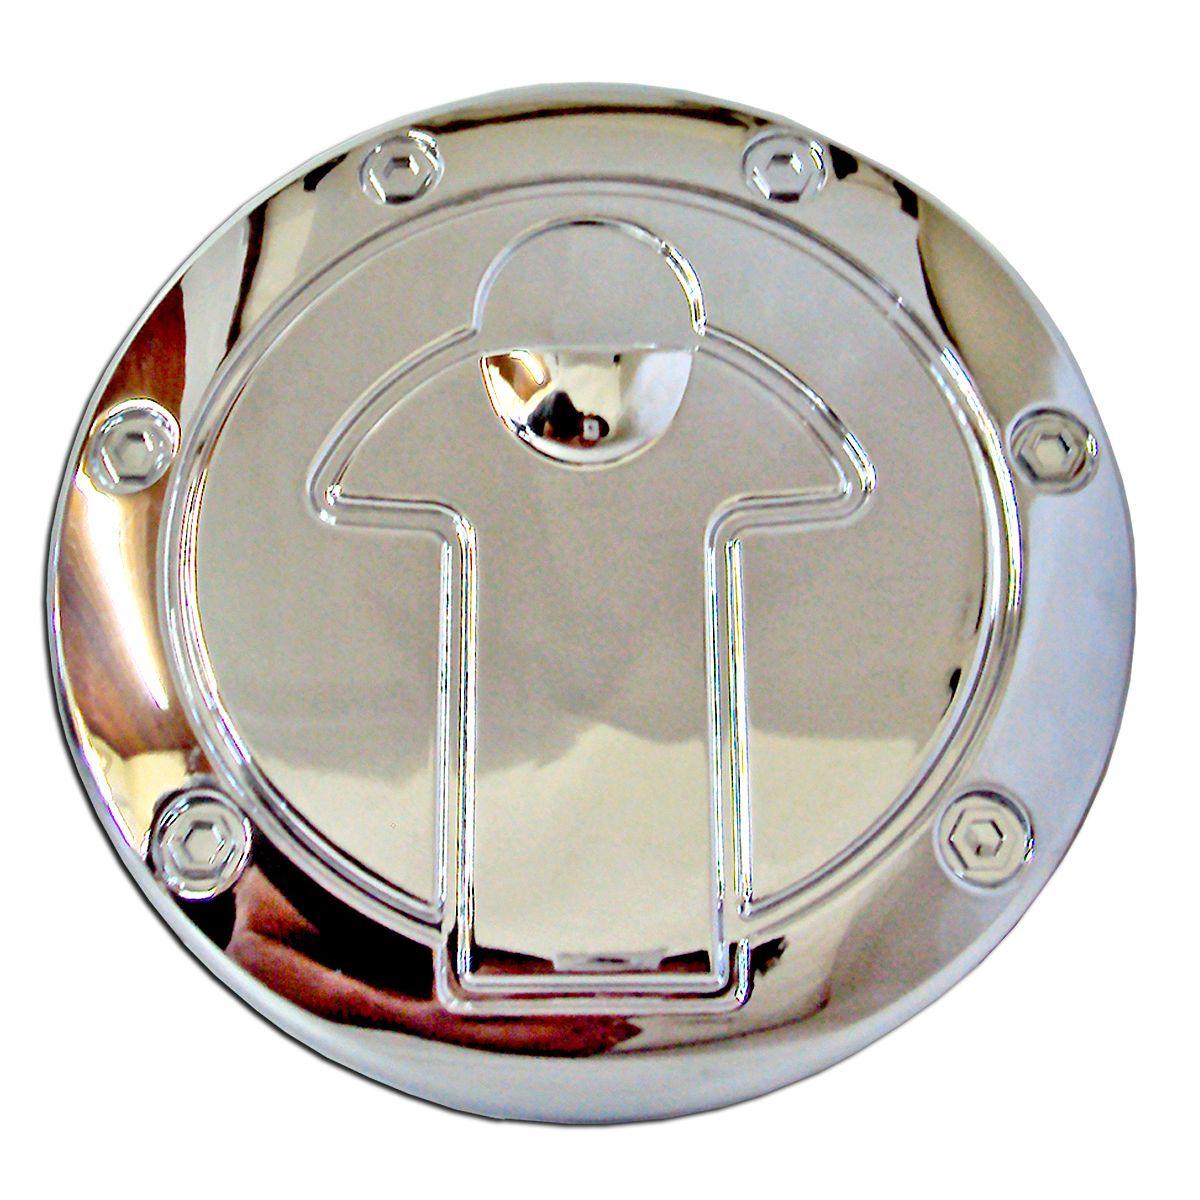 Aplique cromado da tampa do combustível L200 Triton 2008 a 2017